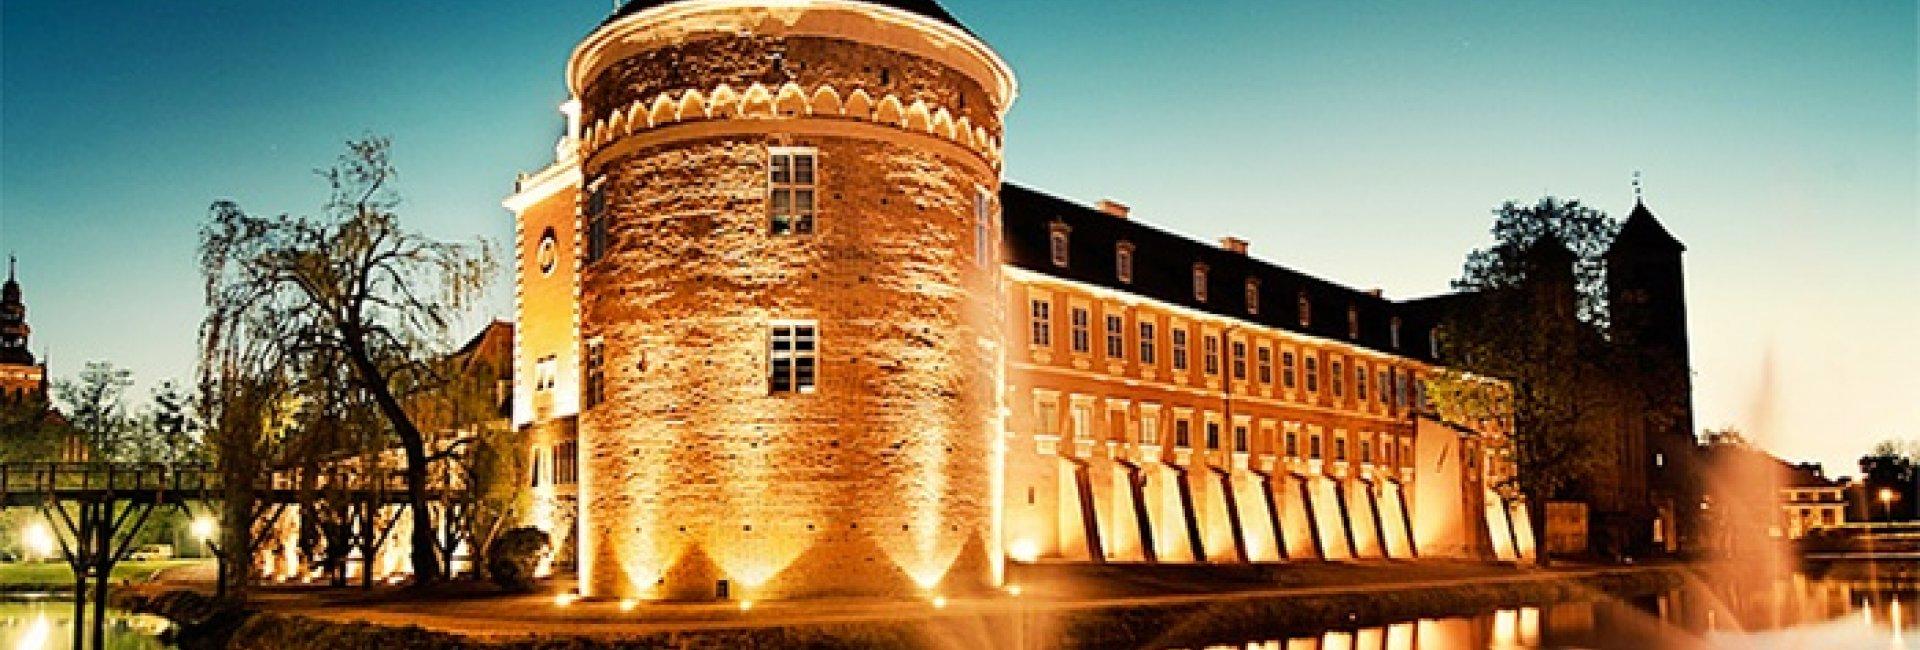 Hotel Krasicki**** uzyskał Subwencję Finansową. Wsparcia udzielił Polski Fundusz Rozwoju